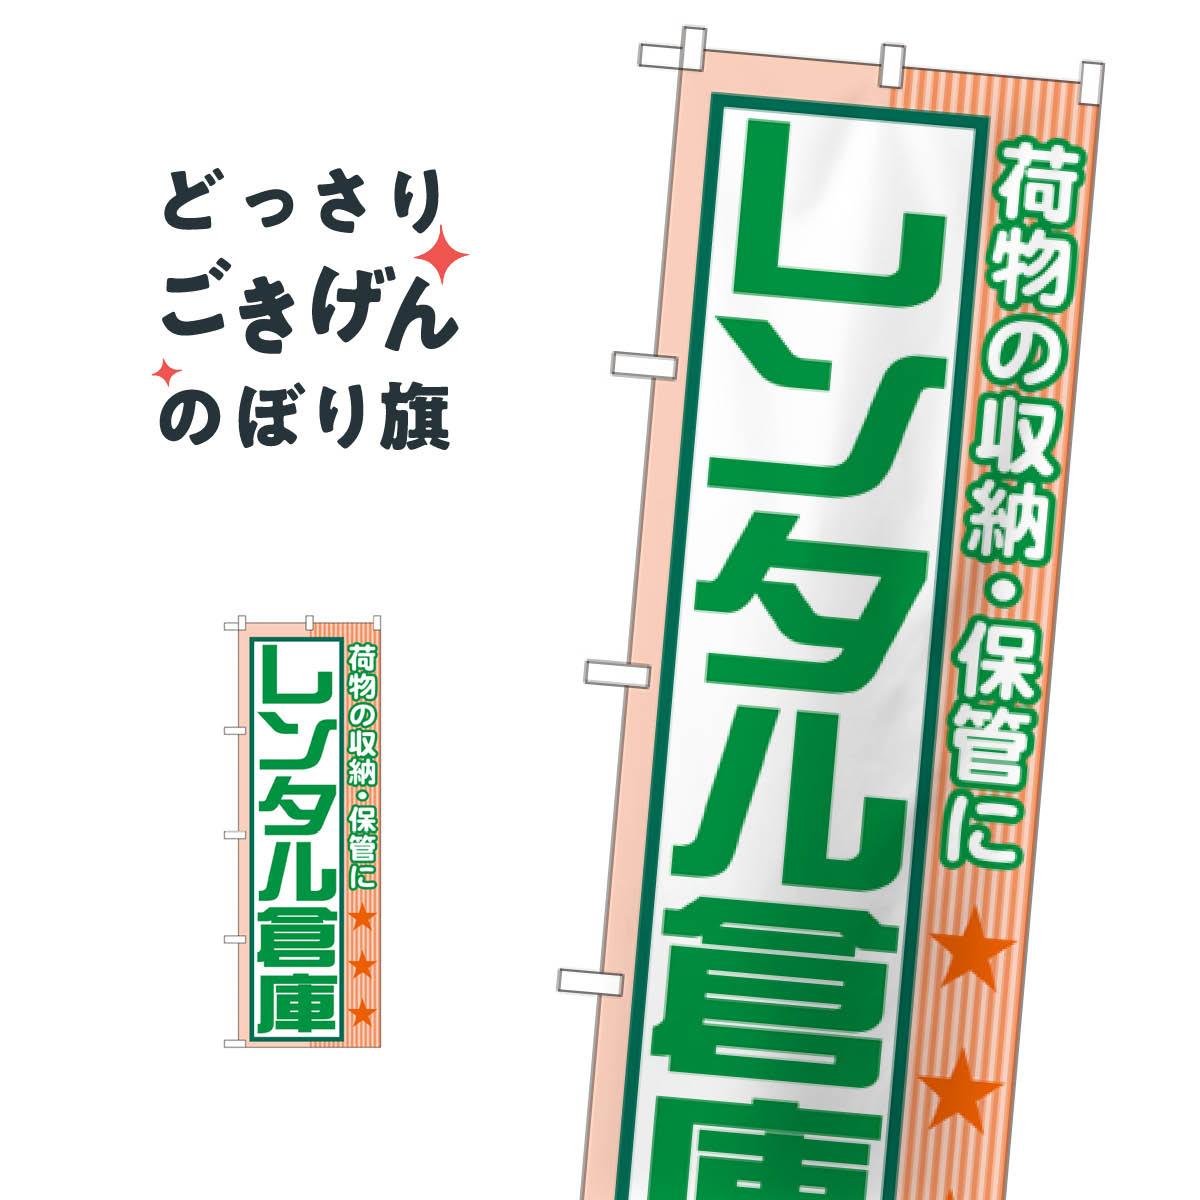 レンタル倉庫 のぼり旗 GNB-1989 貸し物件